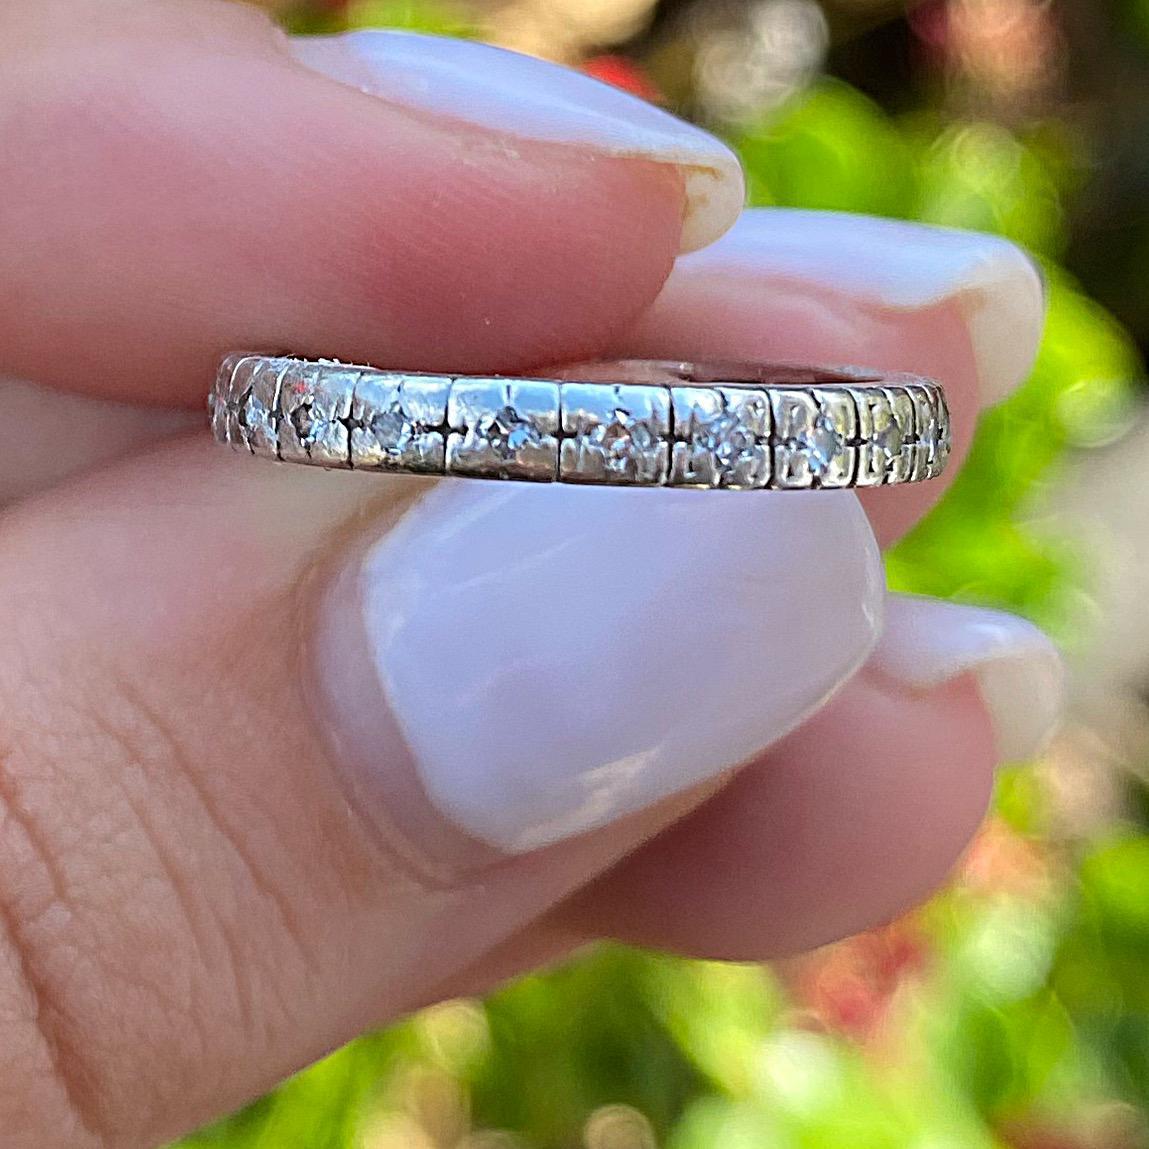 טבעת איטרניטי עתיקה מפלטינה, עם יהלומים.